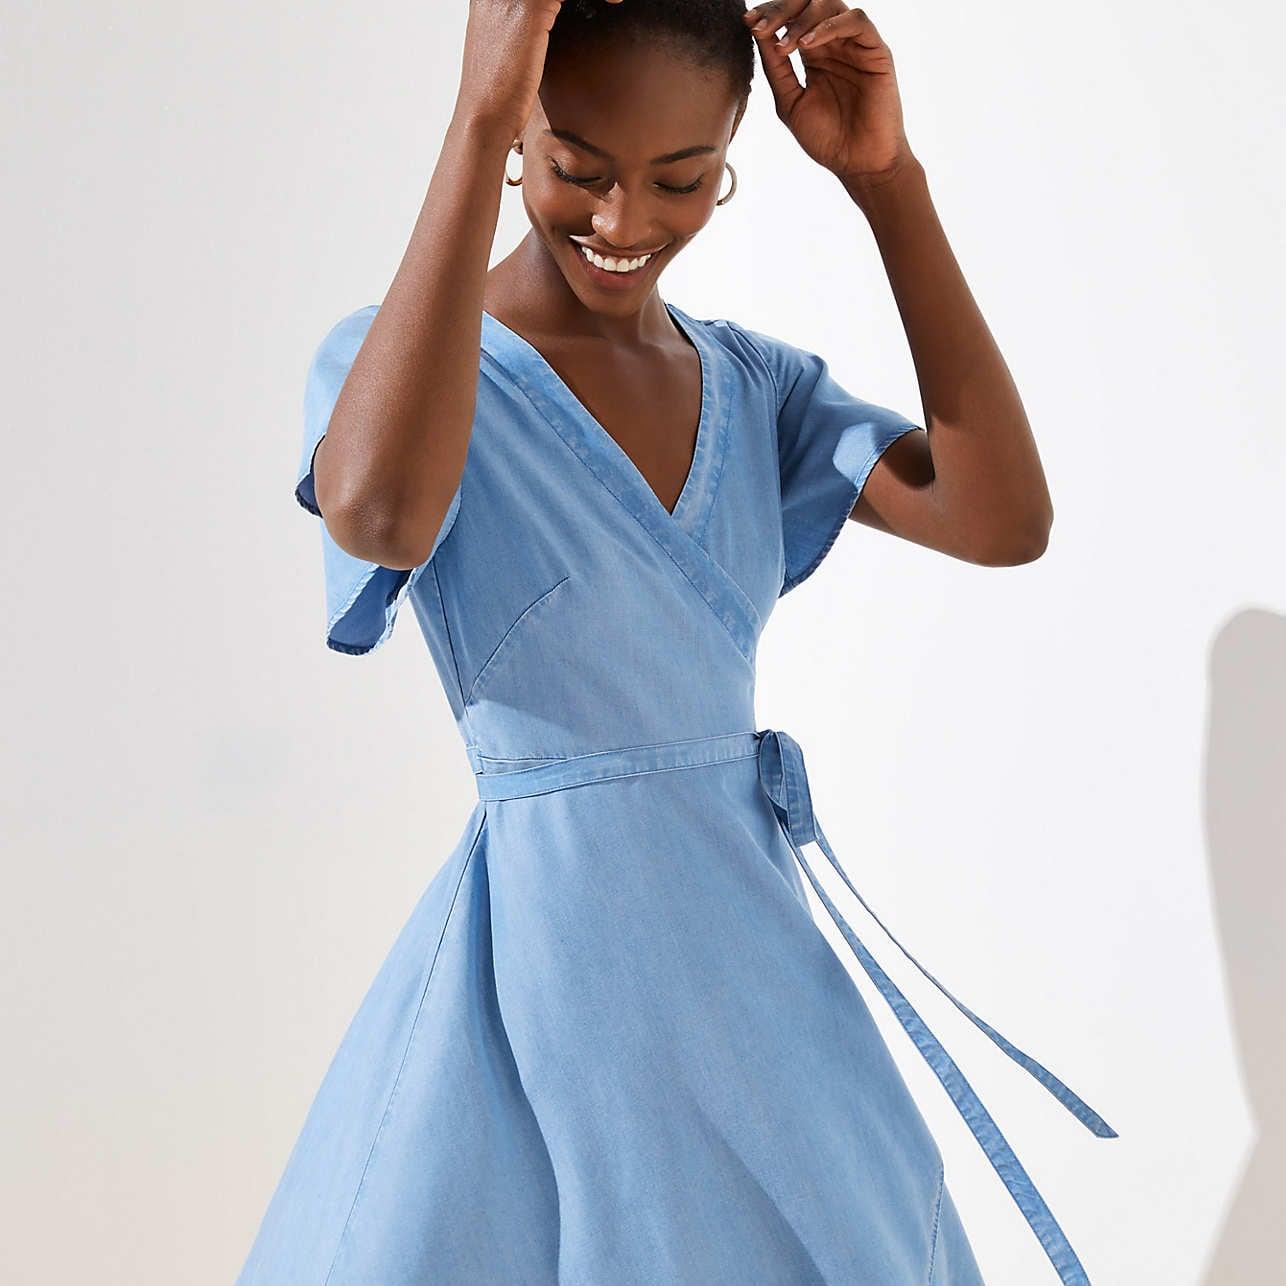 d7d76fe5e358 Best Dresses For Petites | POPSUGAR Fashion